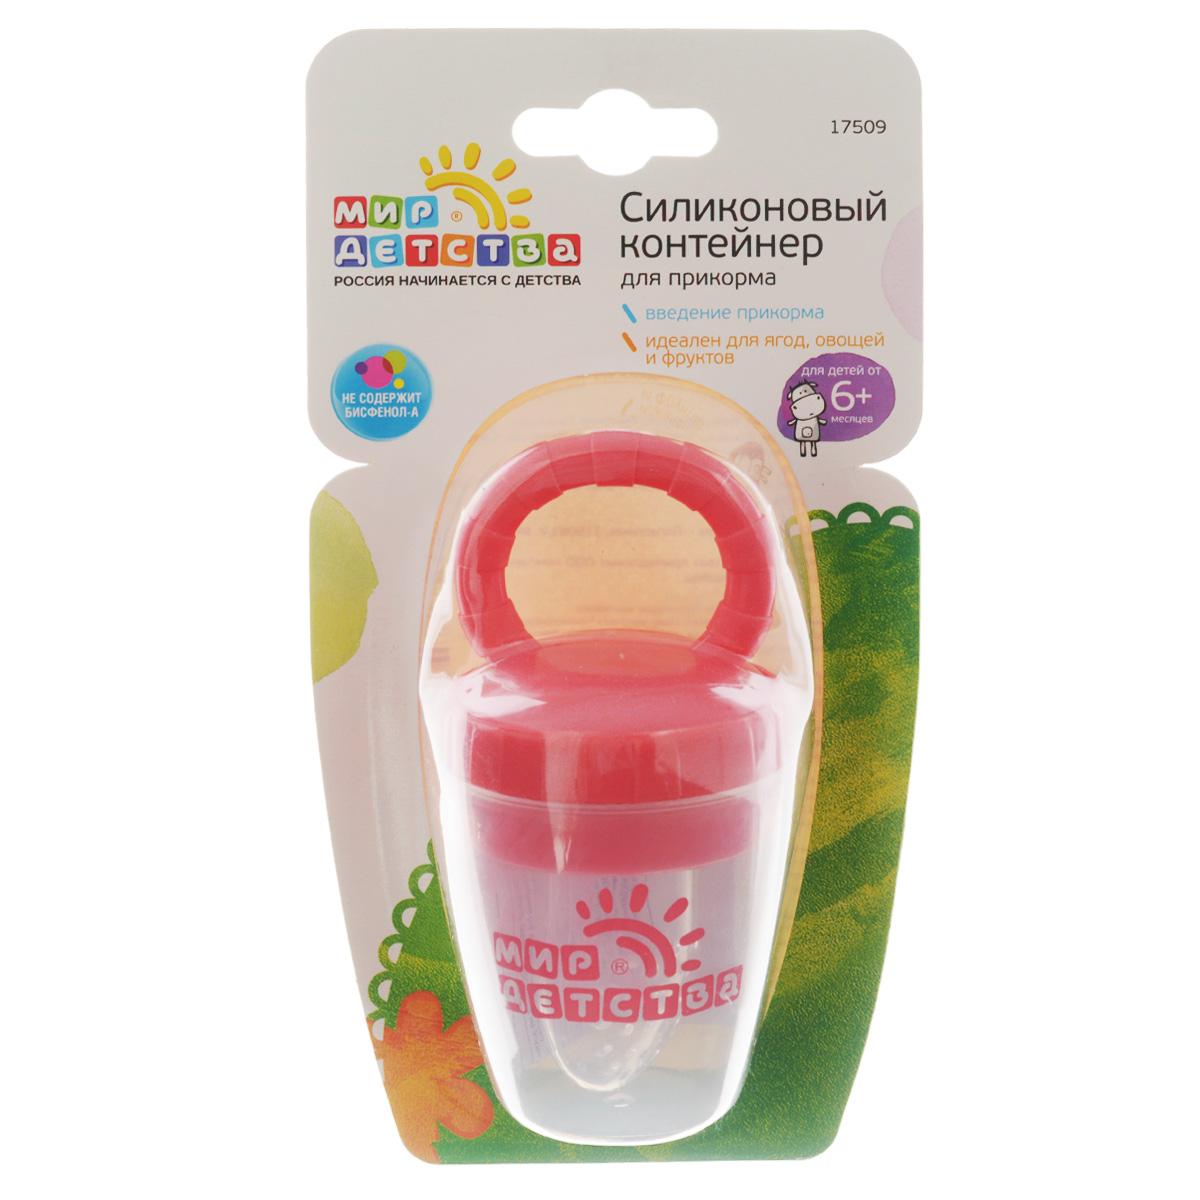 Силиконовый контейнер для прикорма Мир детства, цвет: розовый. 17509 kingdom kd 9900 ems rf electroporation beauty device